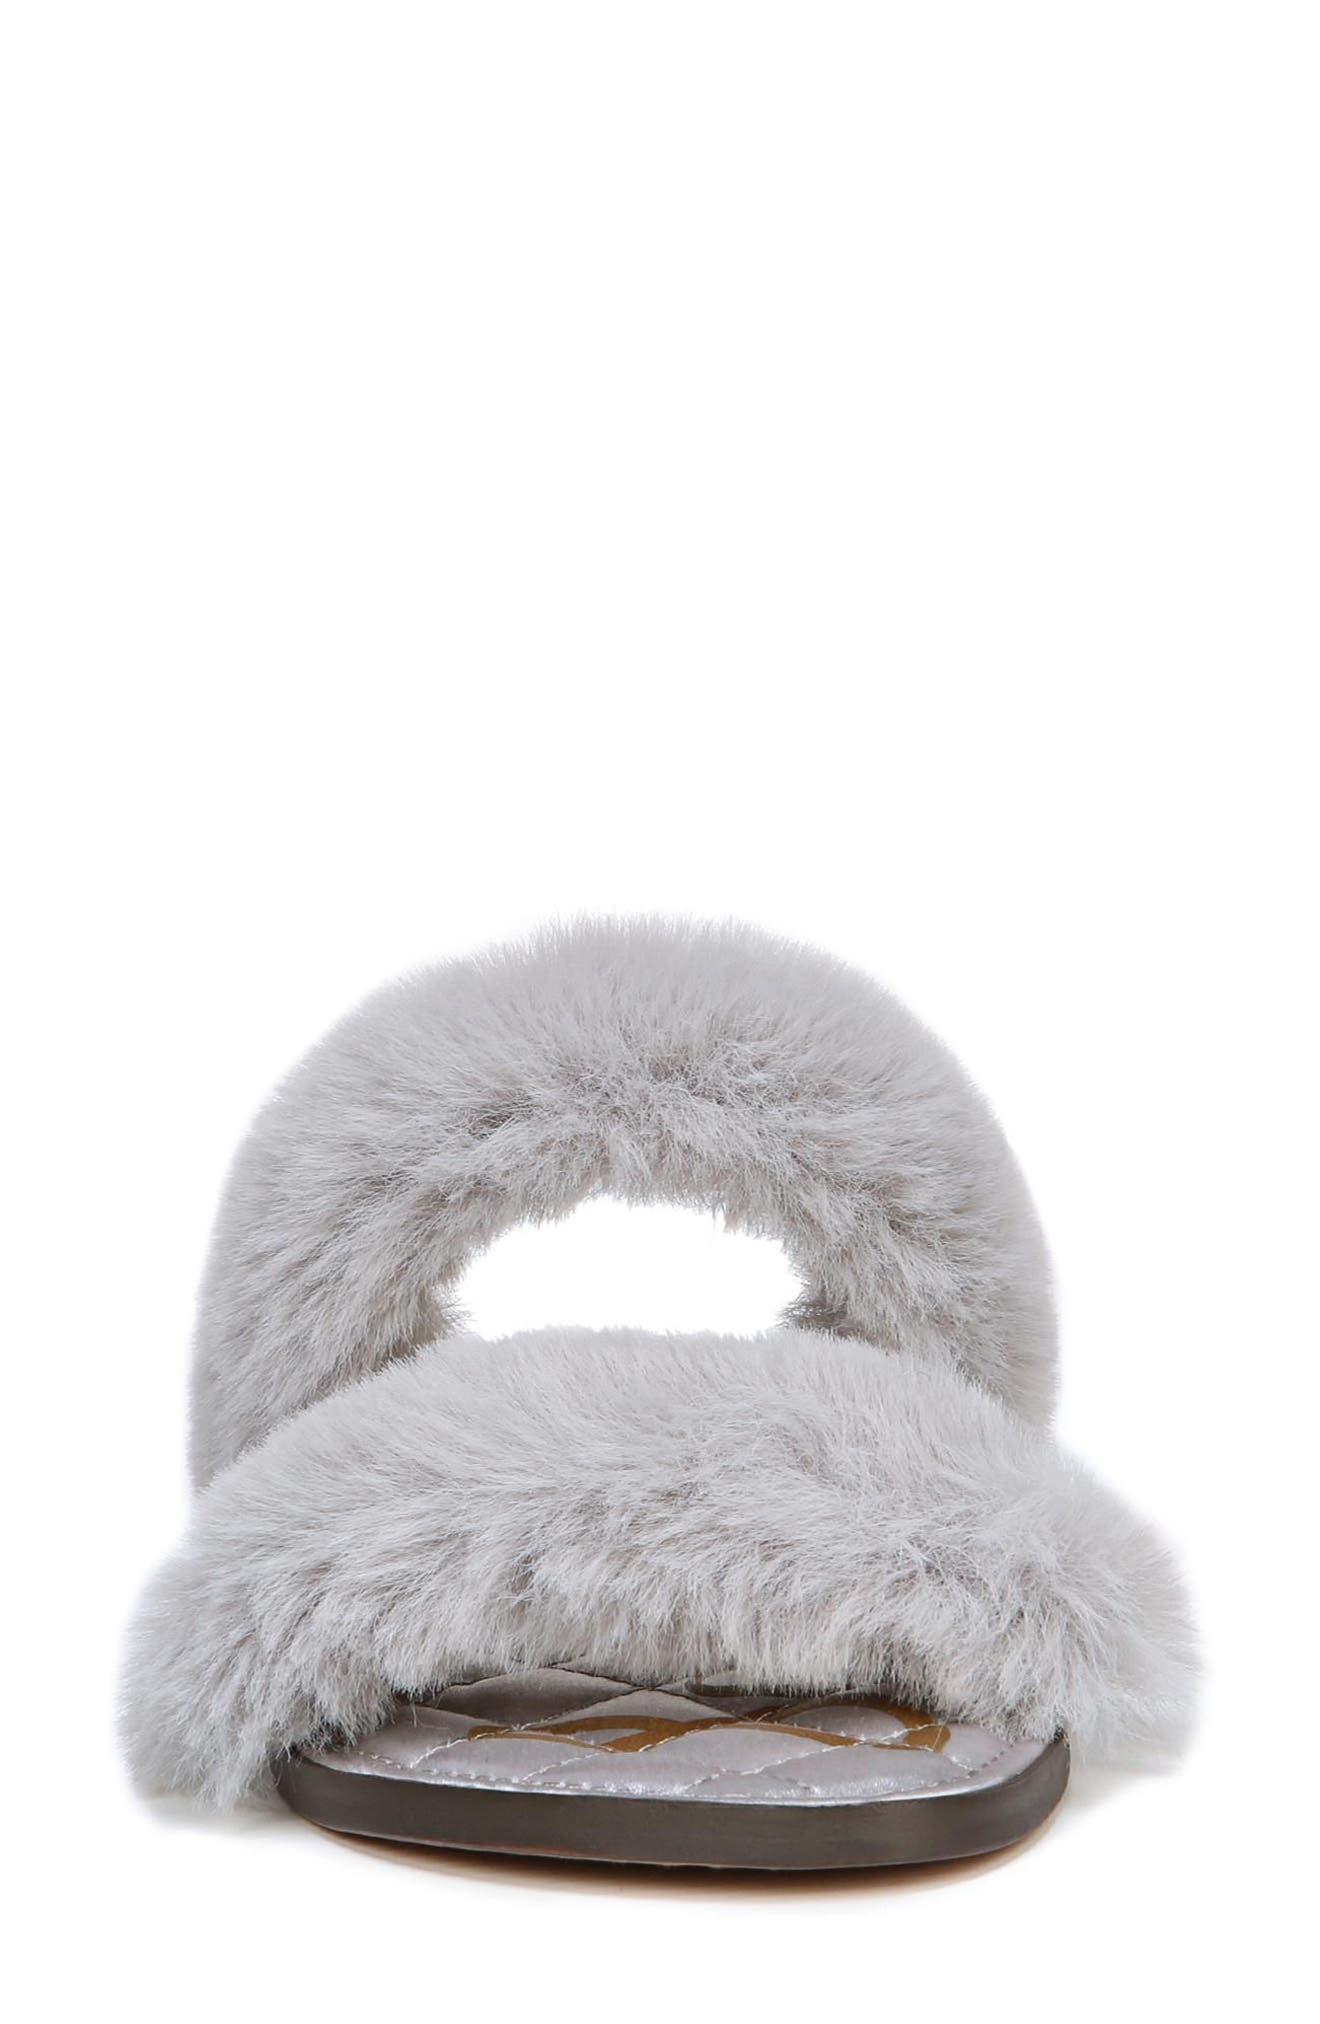 Griselda Faux Fur Slide Sandal,                             Alternate thumbnail 4, color,                             Light Grey Faux Fur